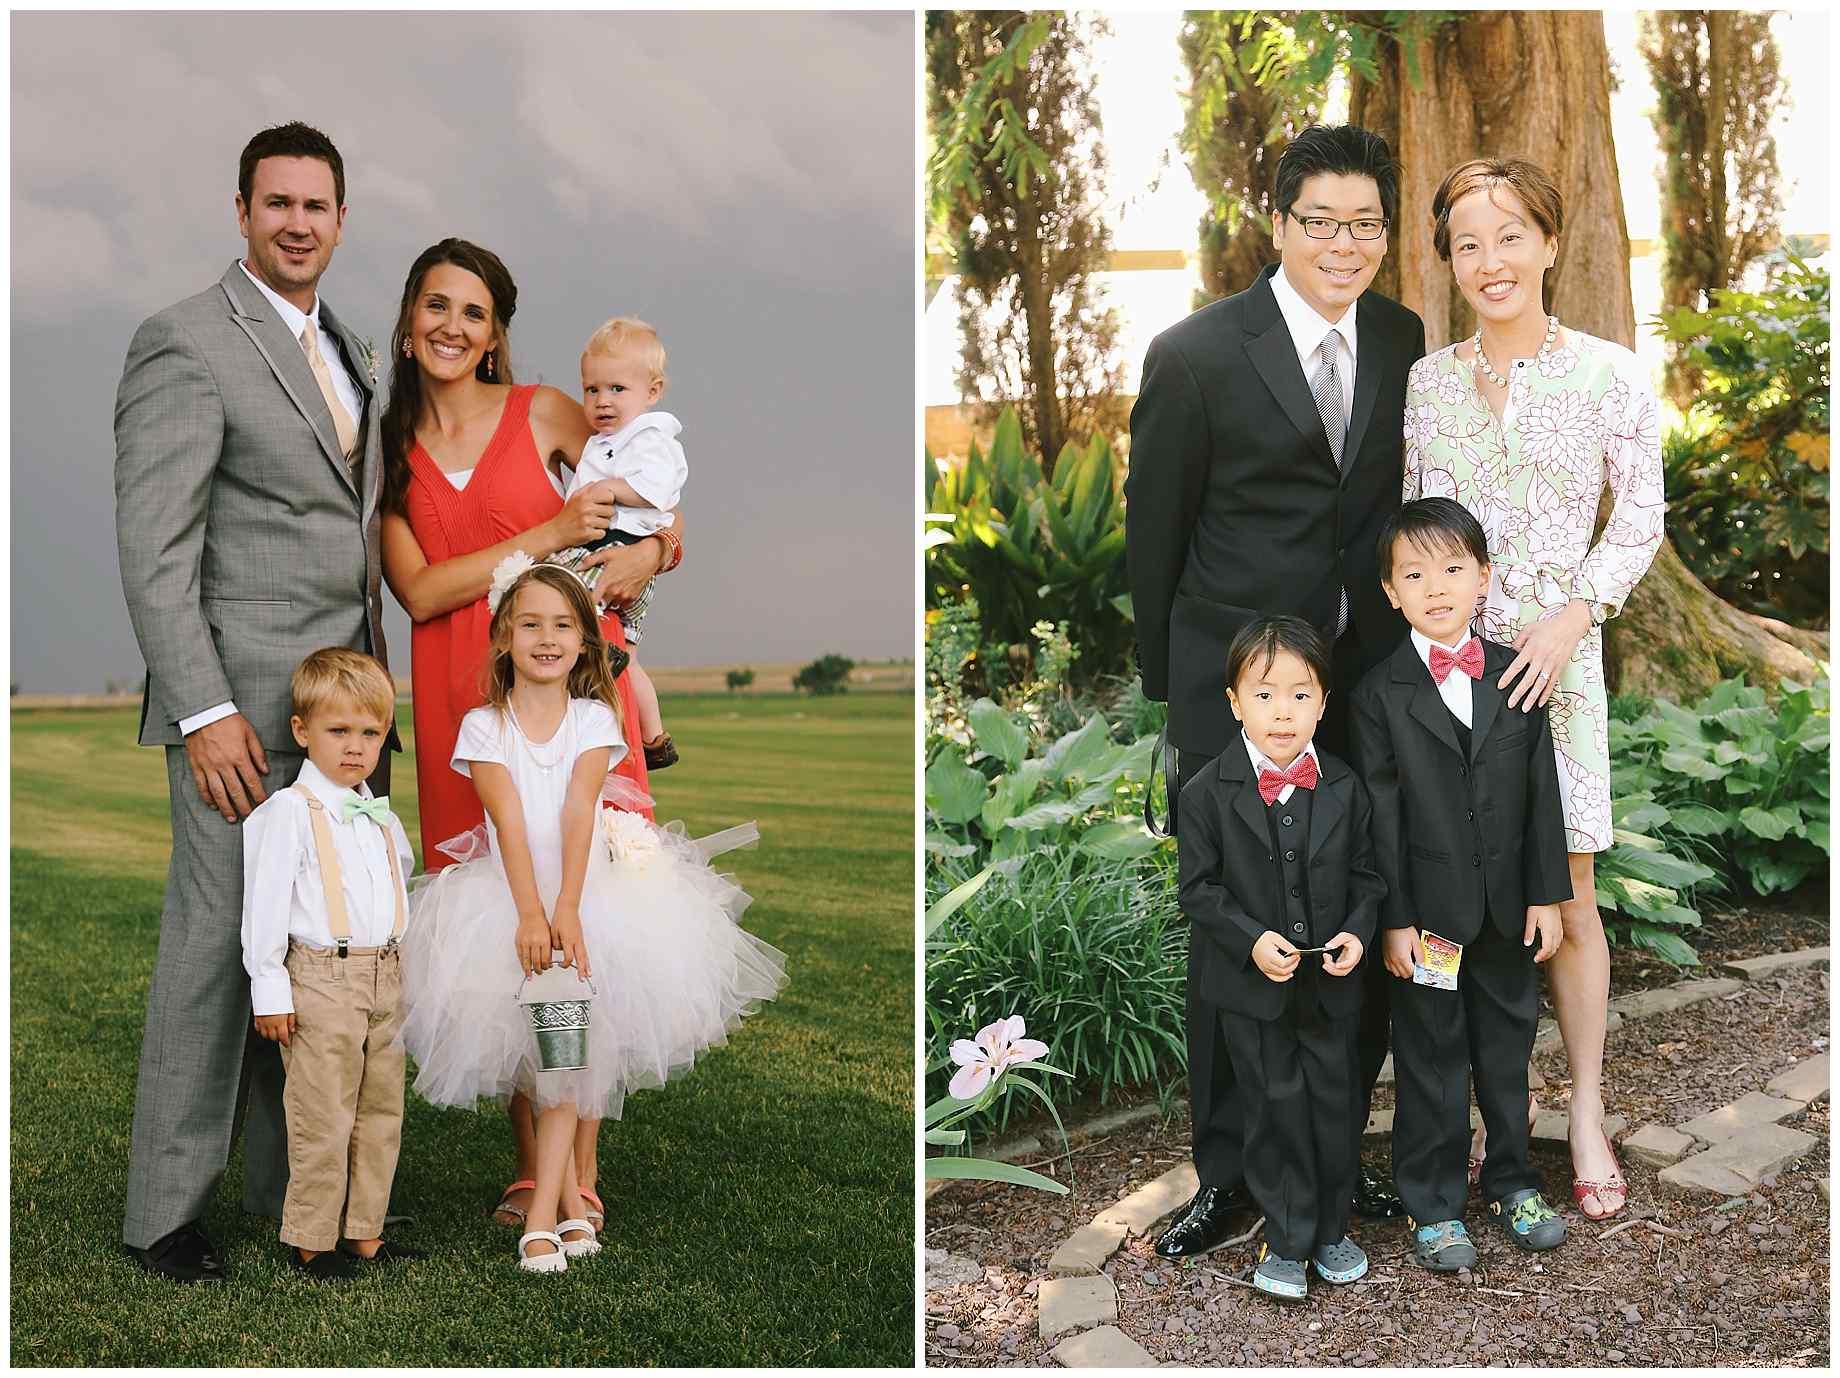 wedding-family-photos-08